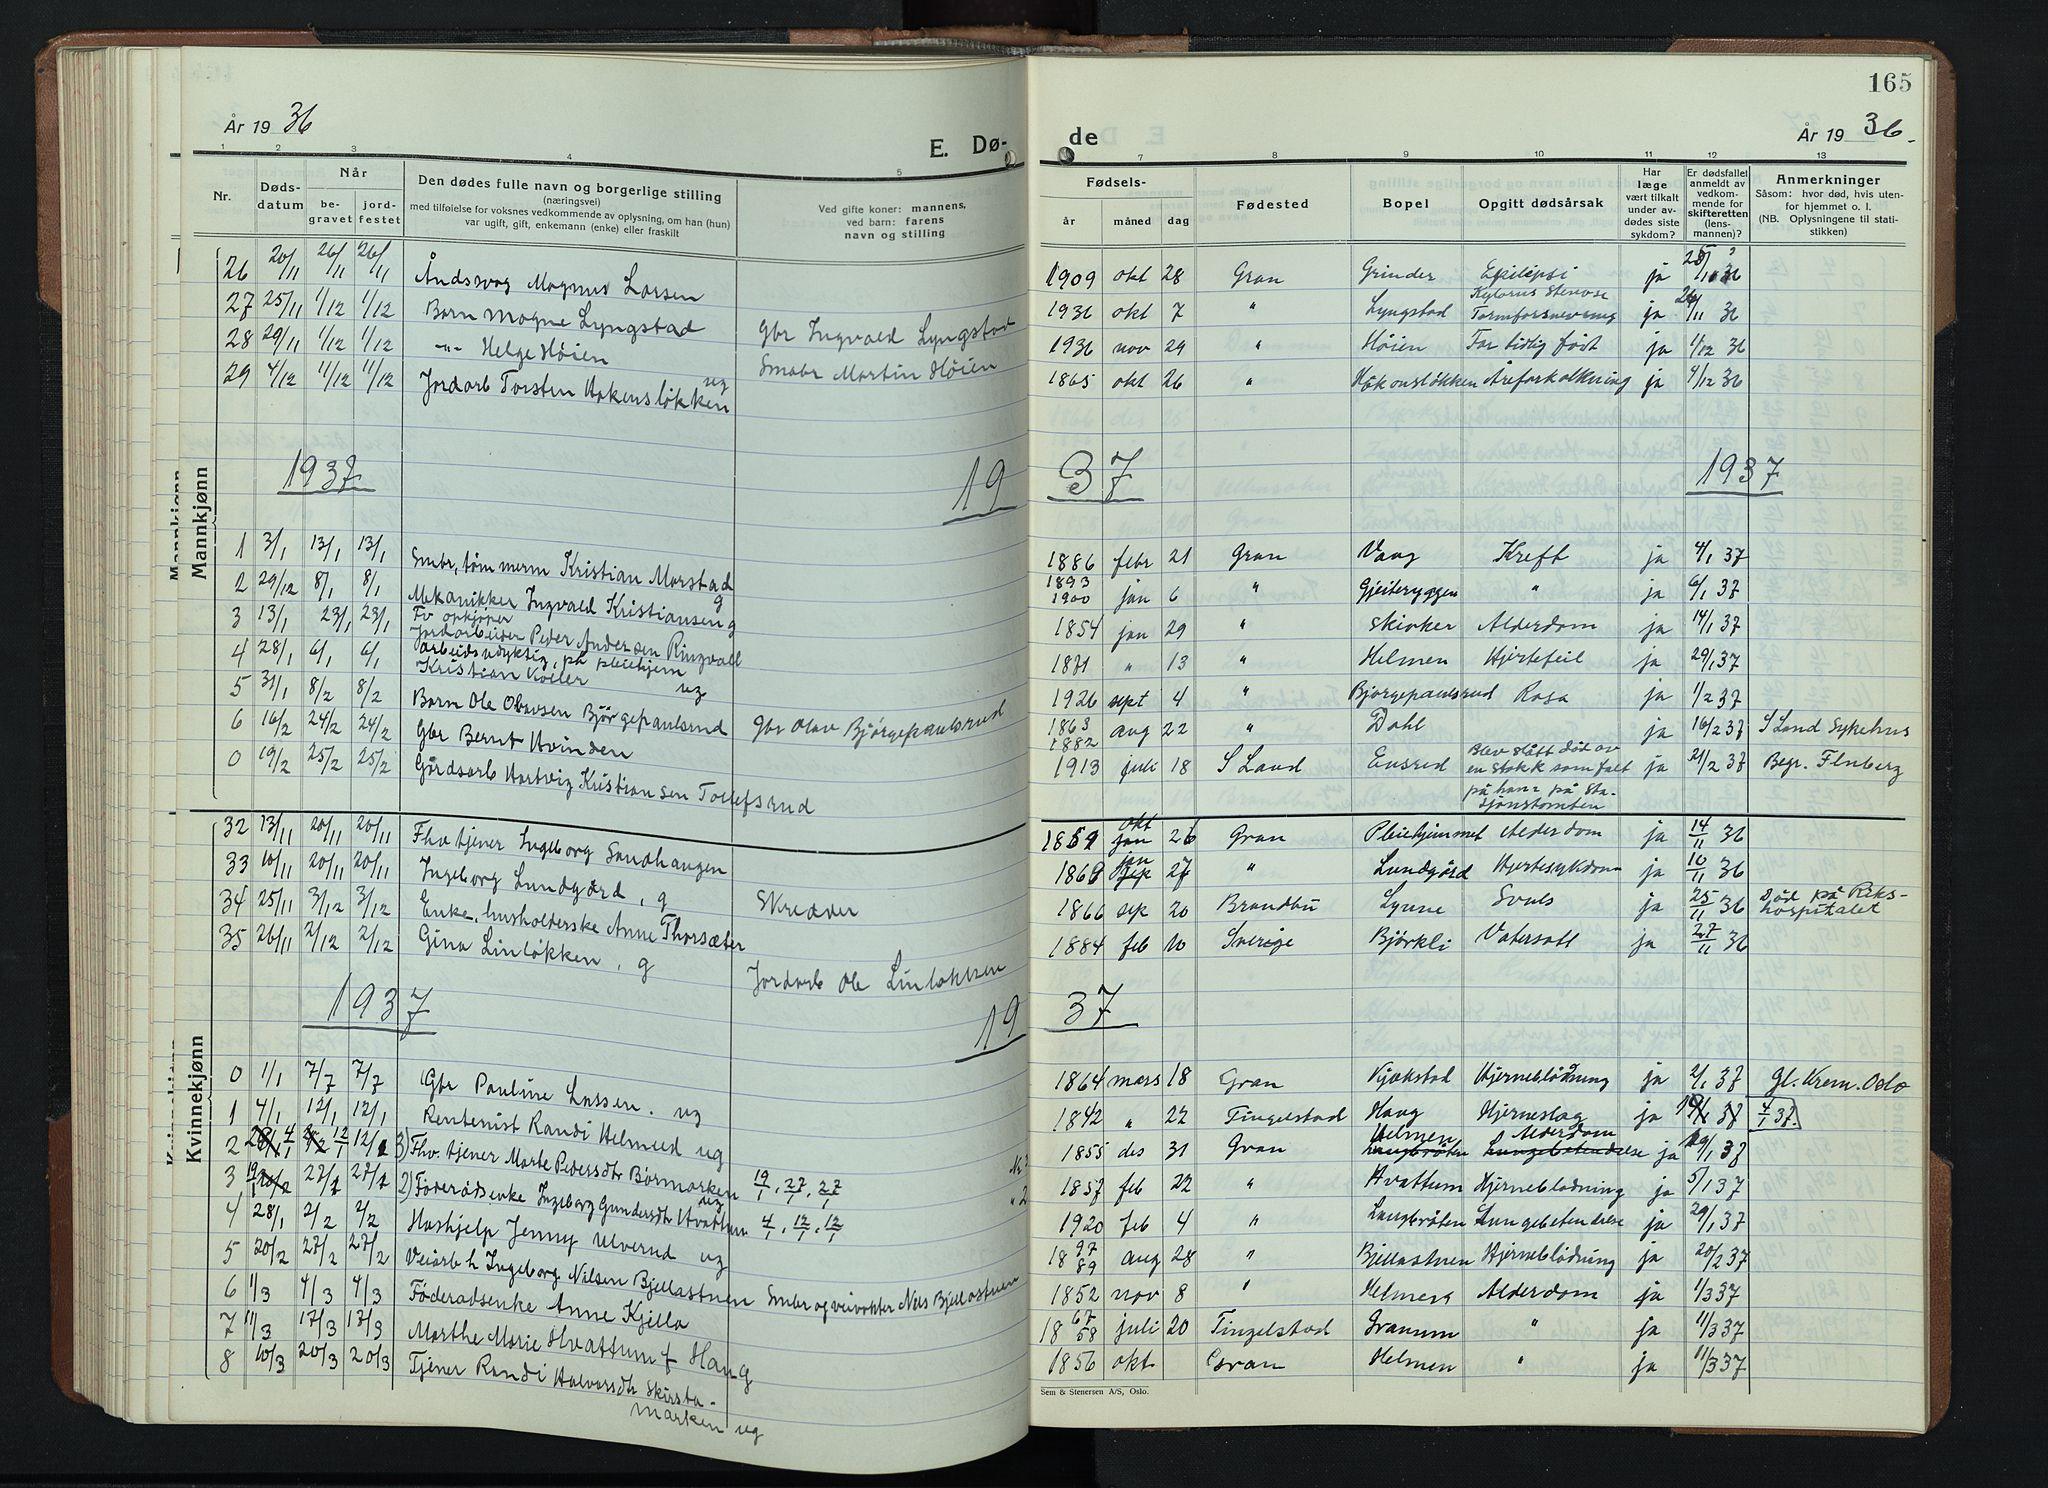 SAH, Gran prestekontor, Klokkerbok nr. 9, 1933-1950, s. 165